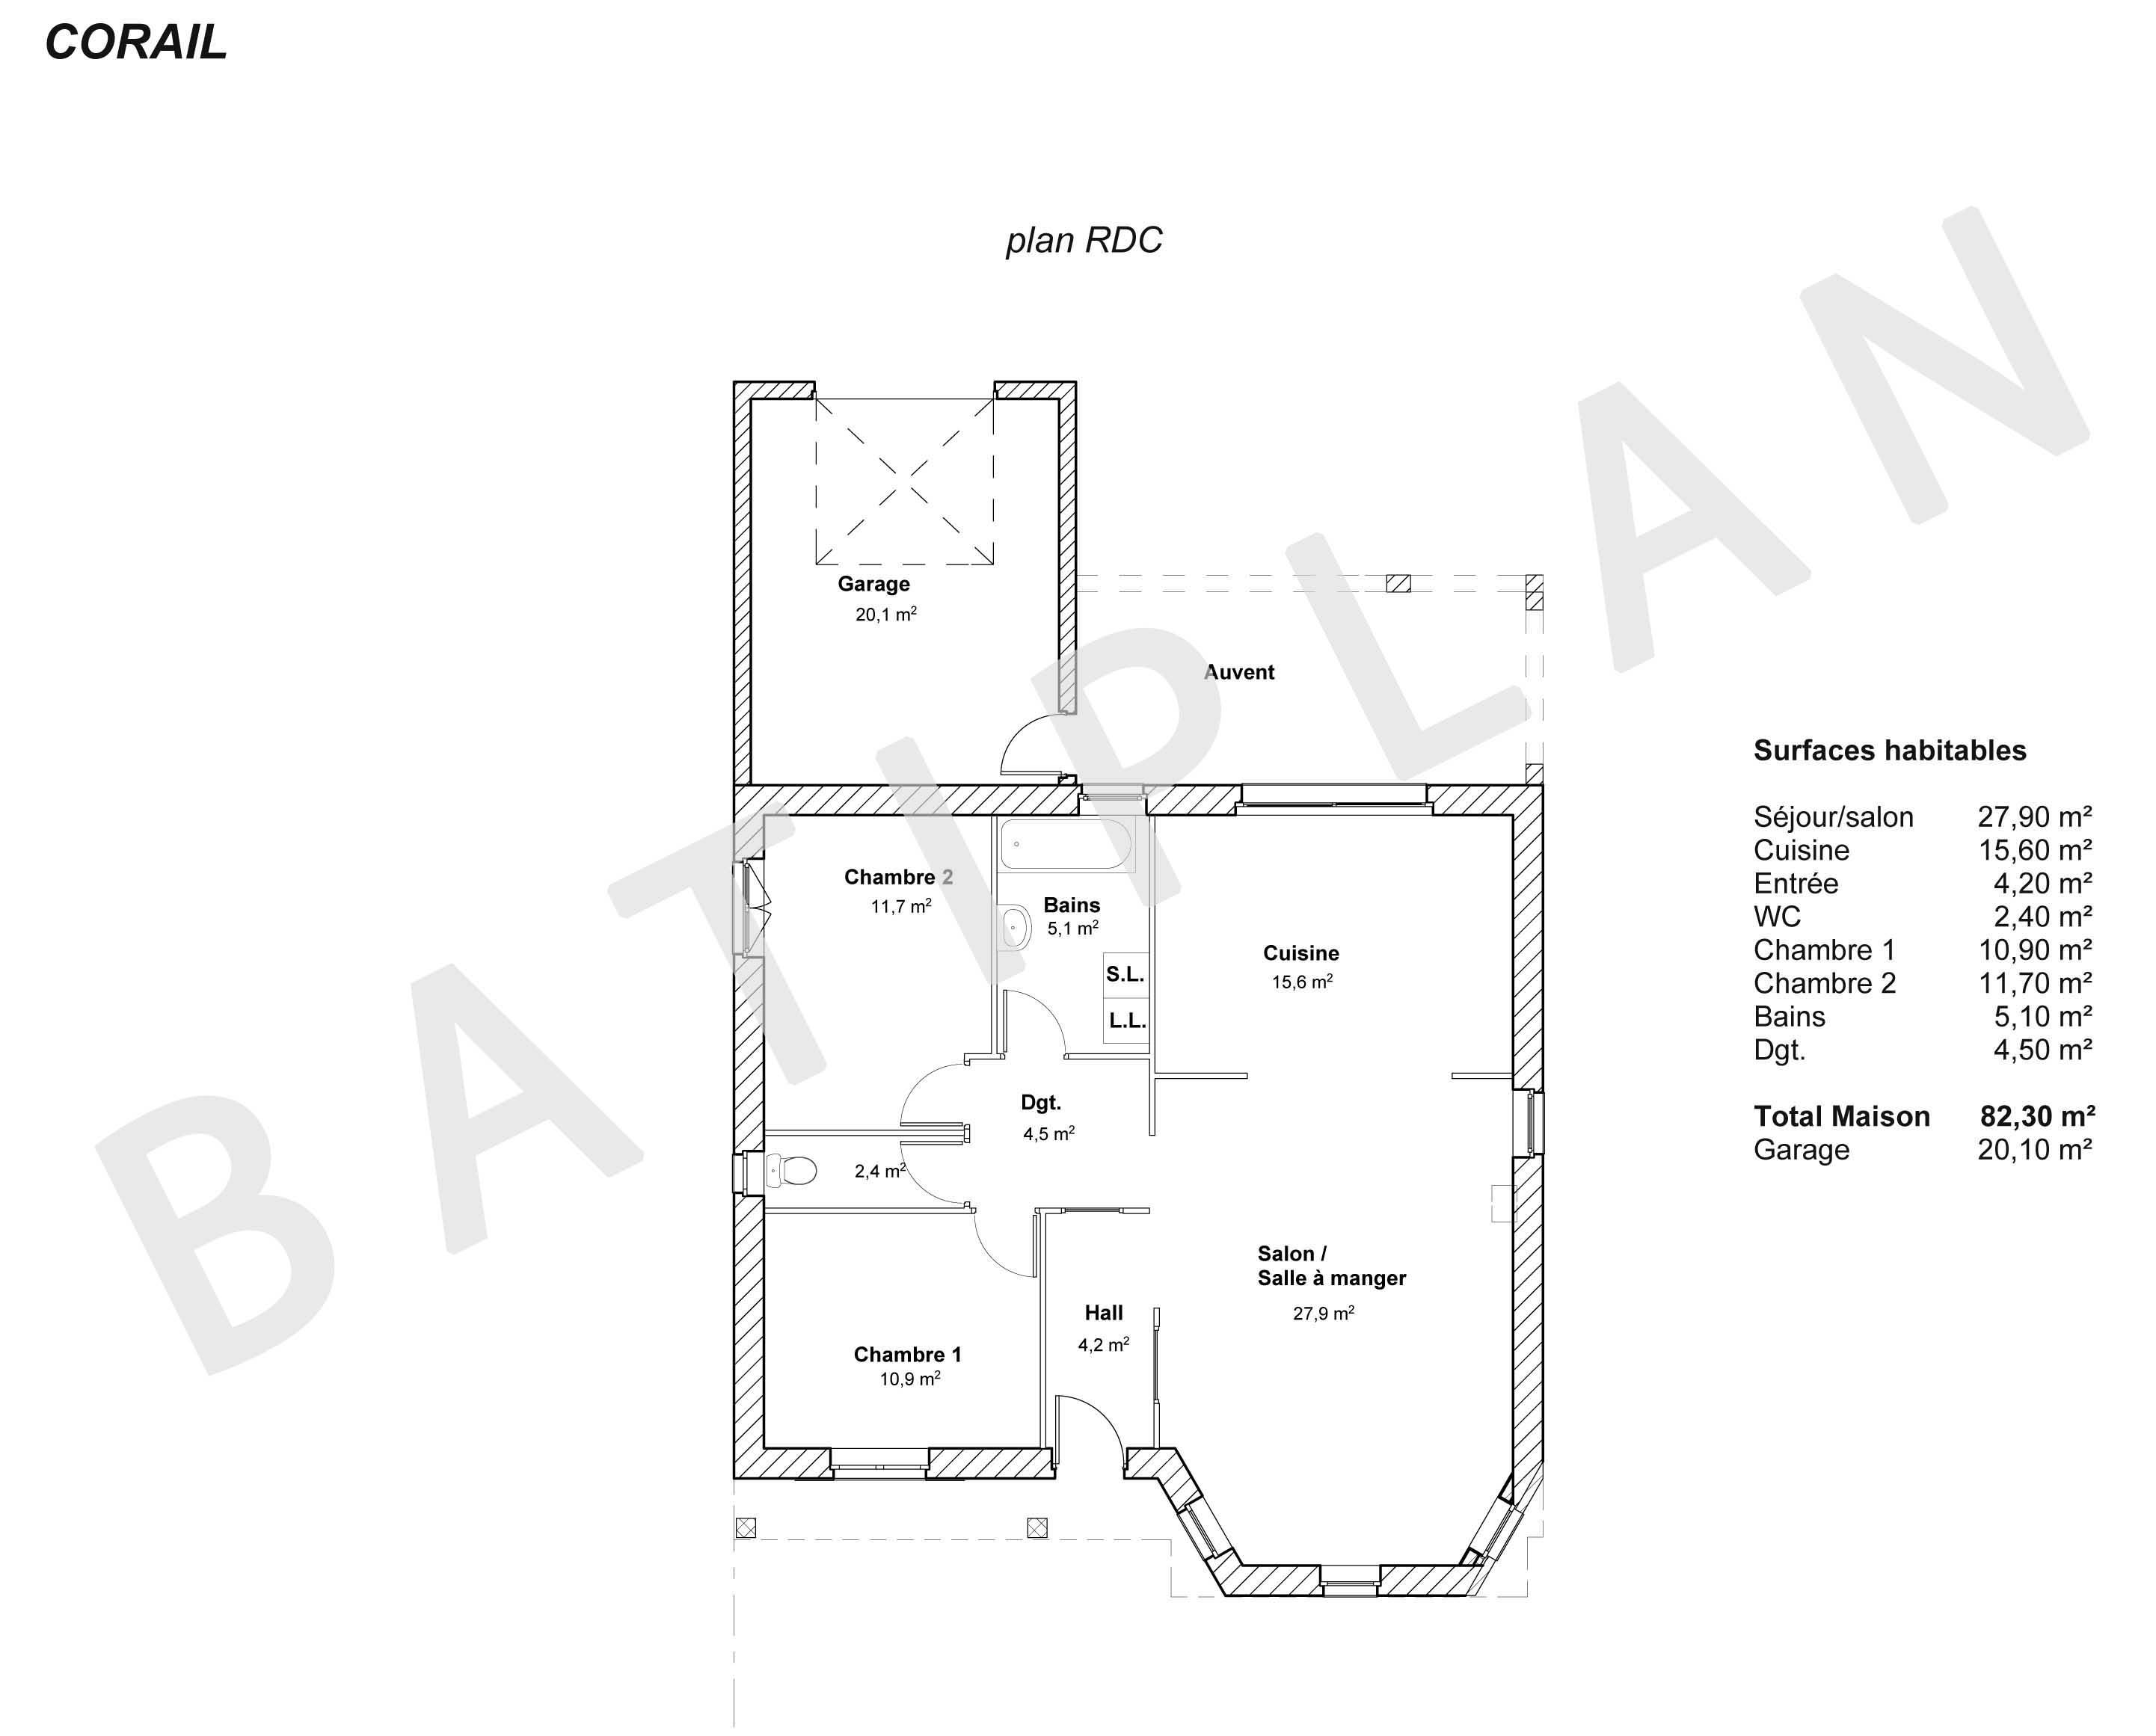 Plans Et Permis De Construire Notre Plan De Maison Corail